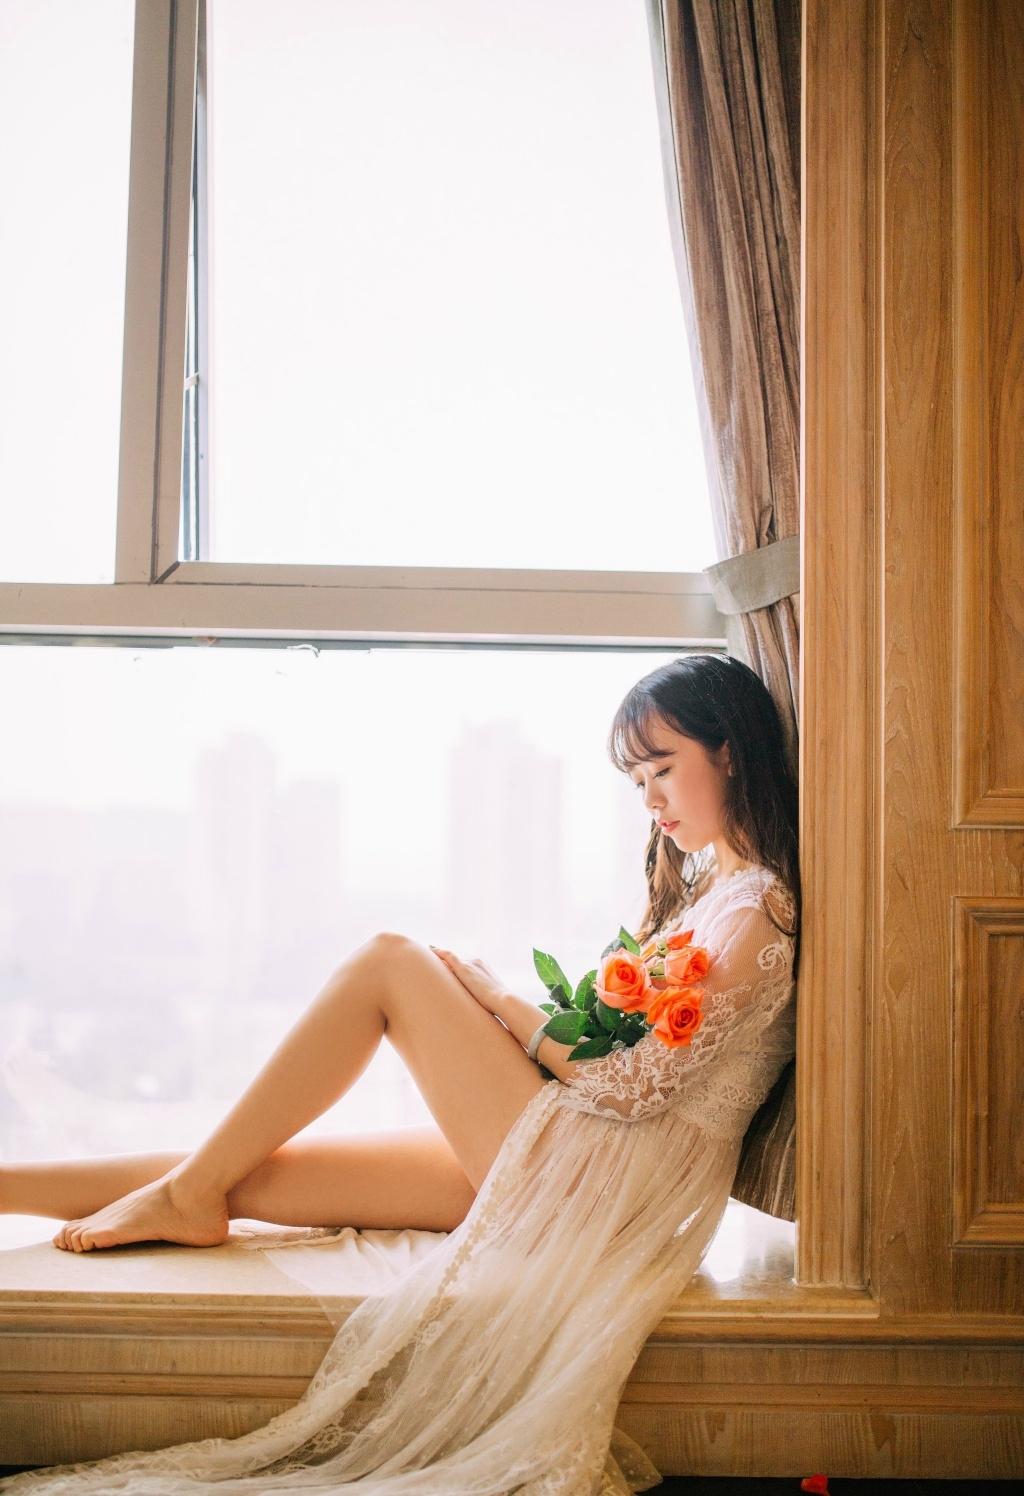 1AZ-RPSD476妙龄美少女性感内衣床上和浴室高清写真